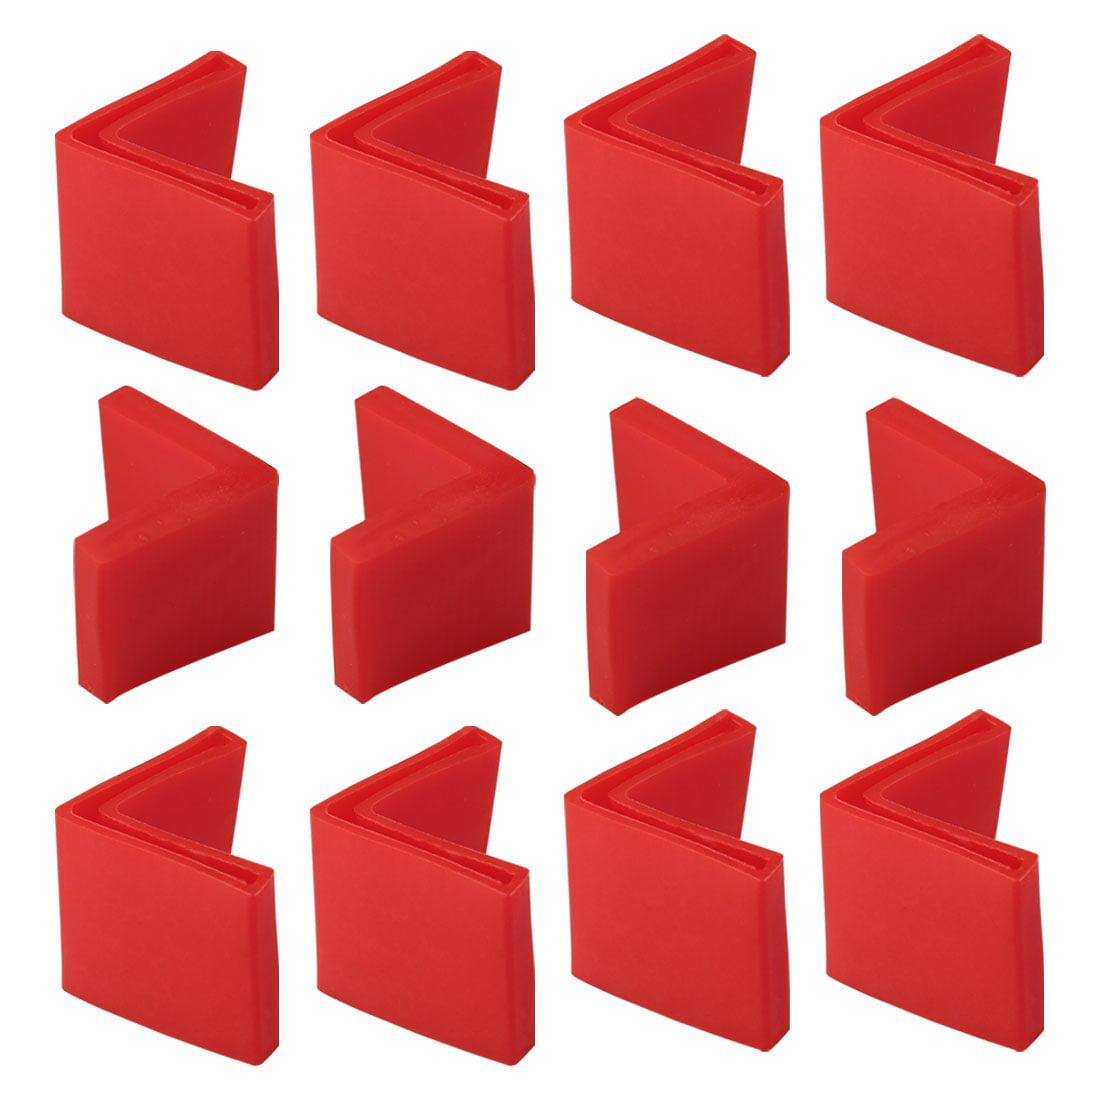 30mm x 30mm Angle Iron Foot Pad L Shaped PVC Leg Caps Floor Protector Red 12 Pcs - image 7 de 7